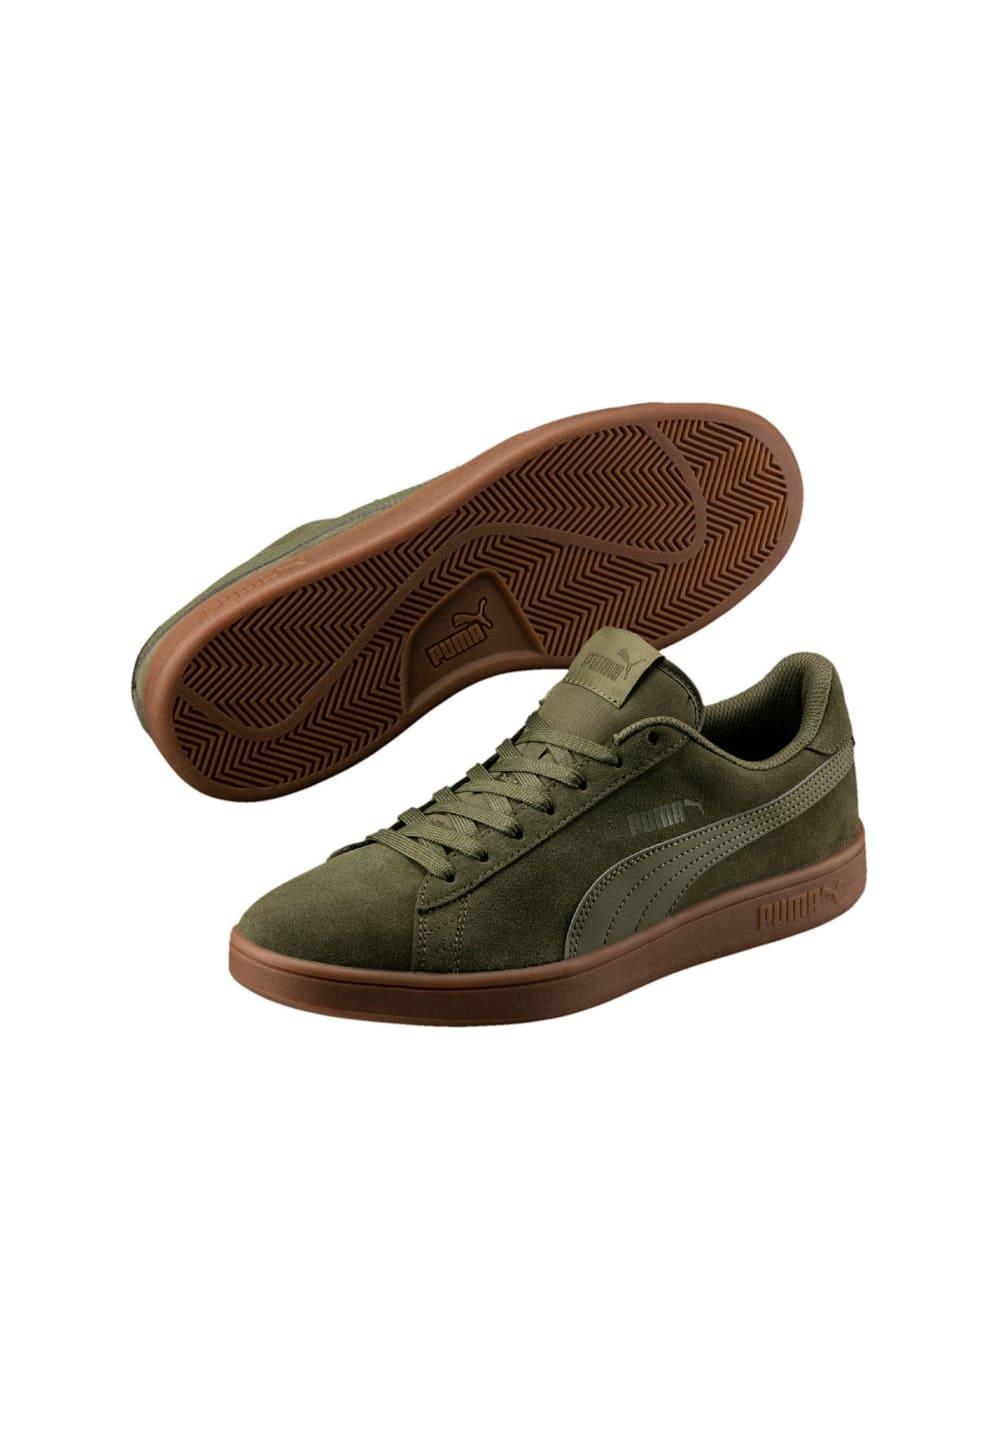 buy online 63b9d de631 Puma Puma Smash v2 - Sneaker - Green